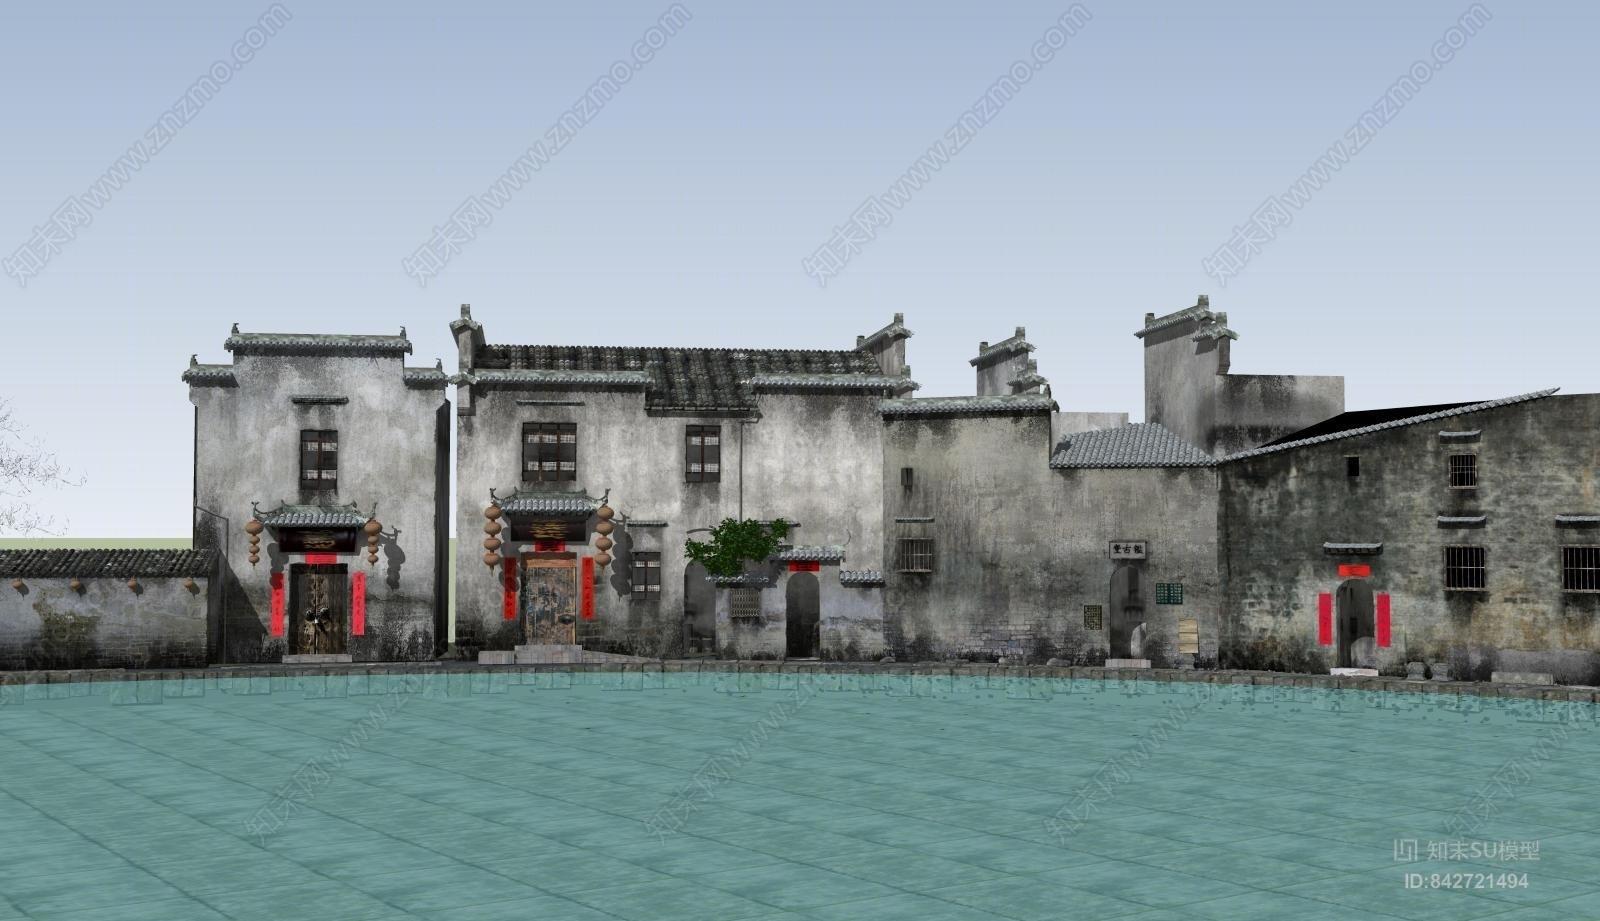 中式风格建筑 乡村民居 江南民居